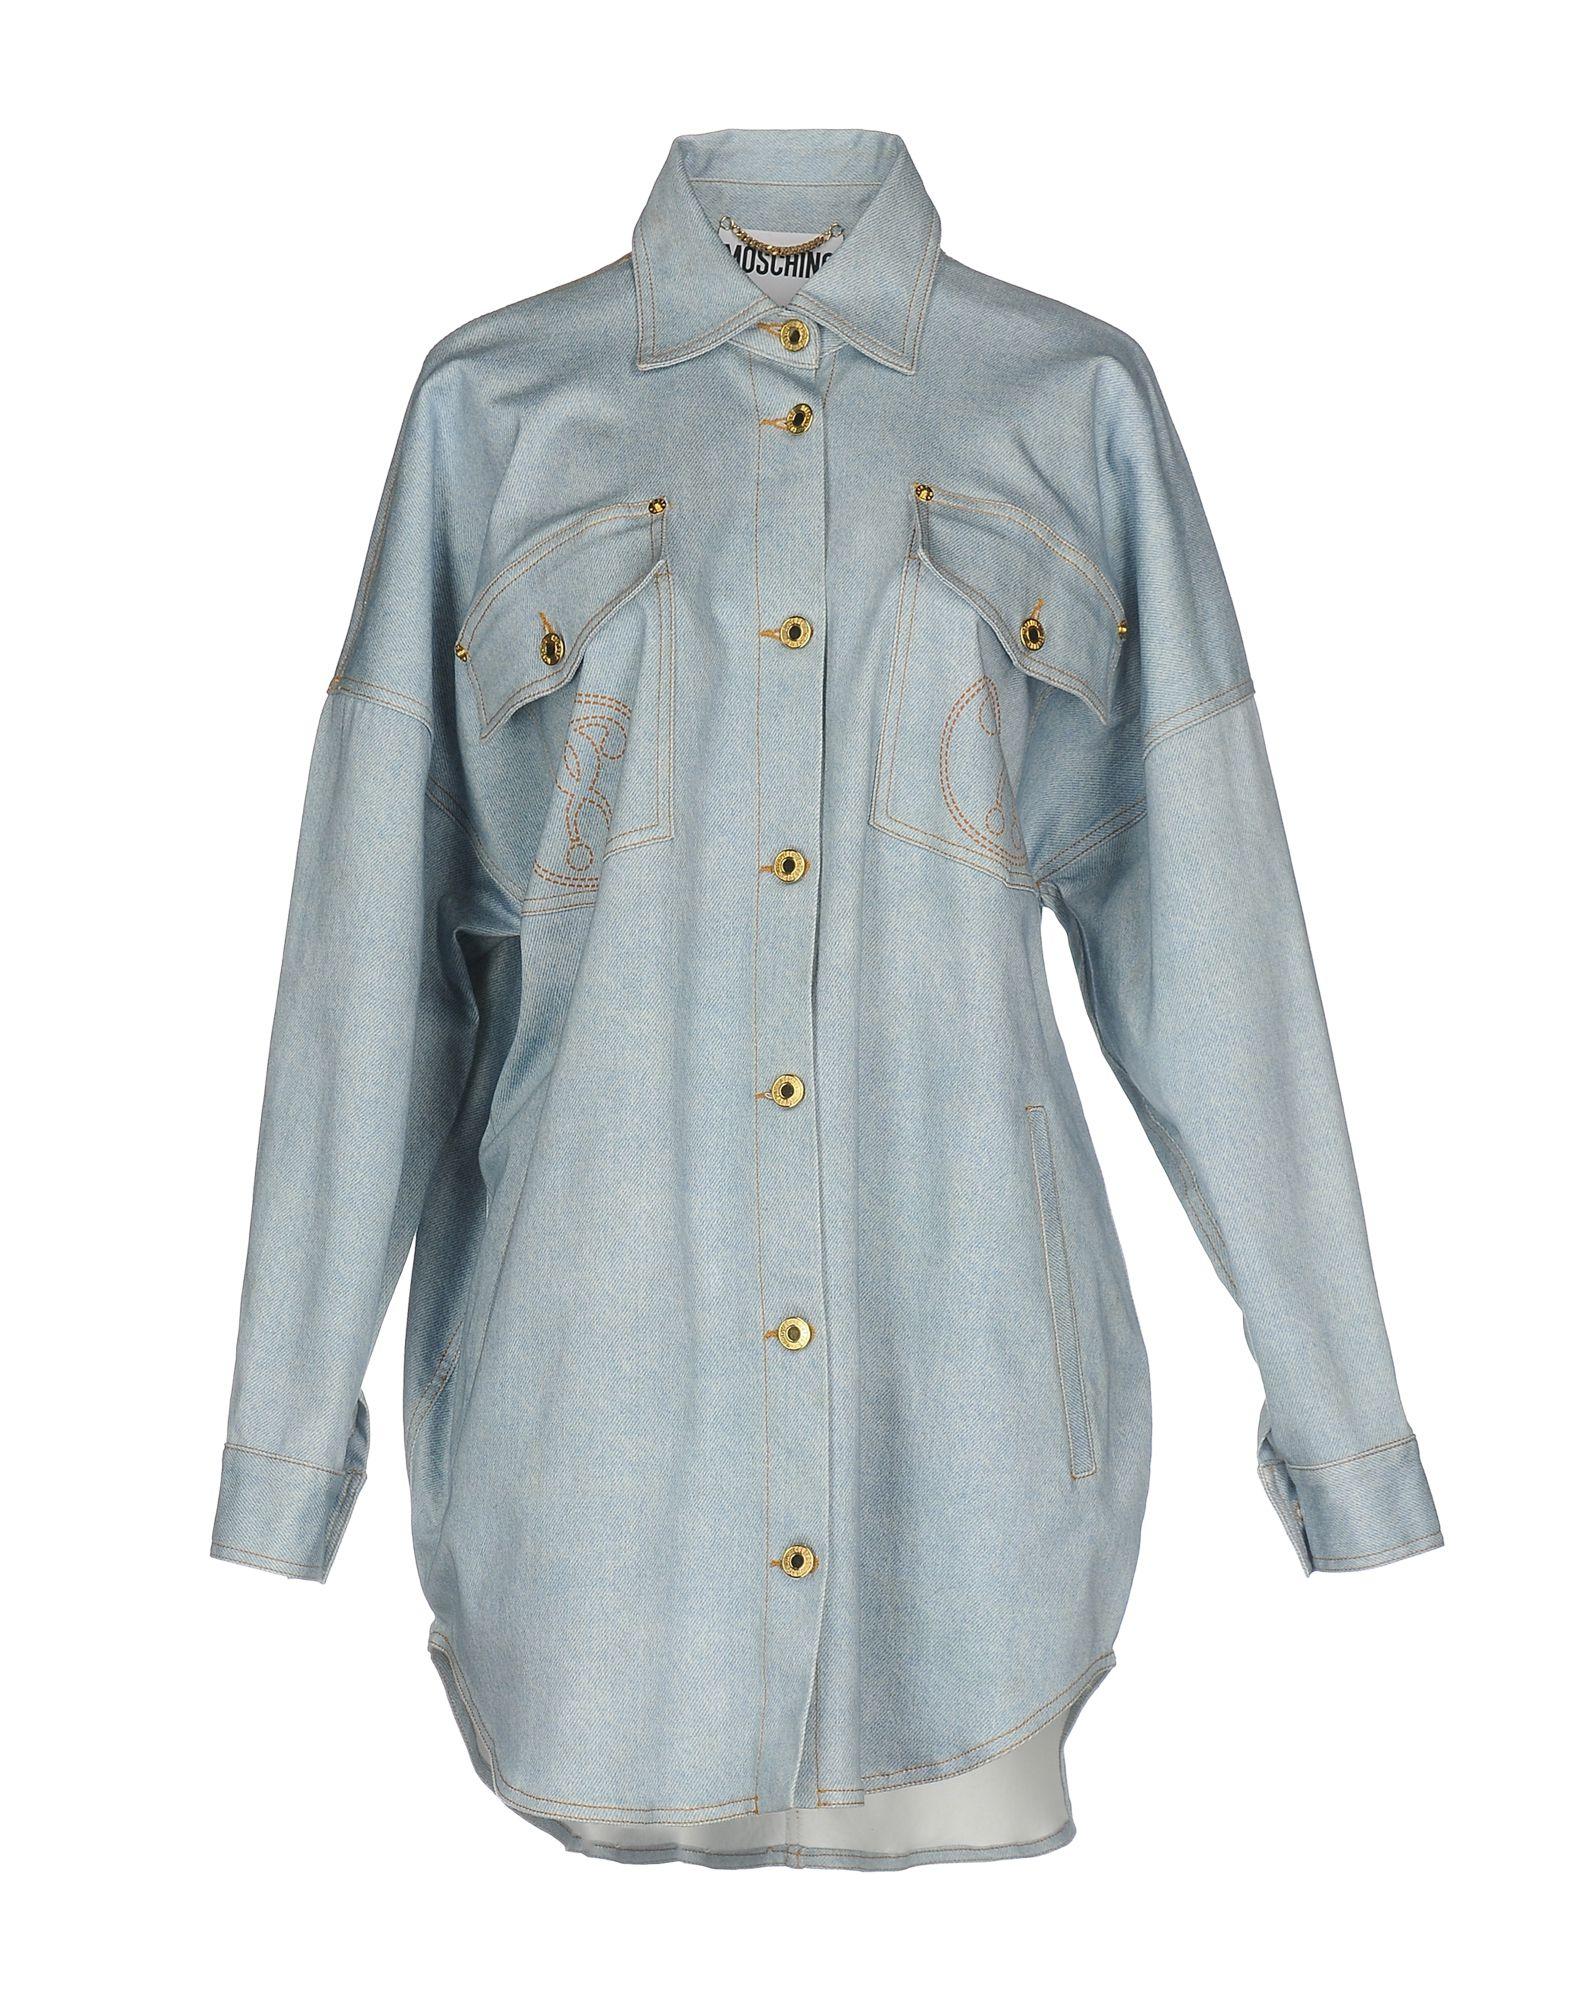 MOSCHINO COUTURE Джинсовая верхняя одежда верхняя одежда